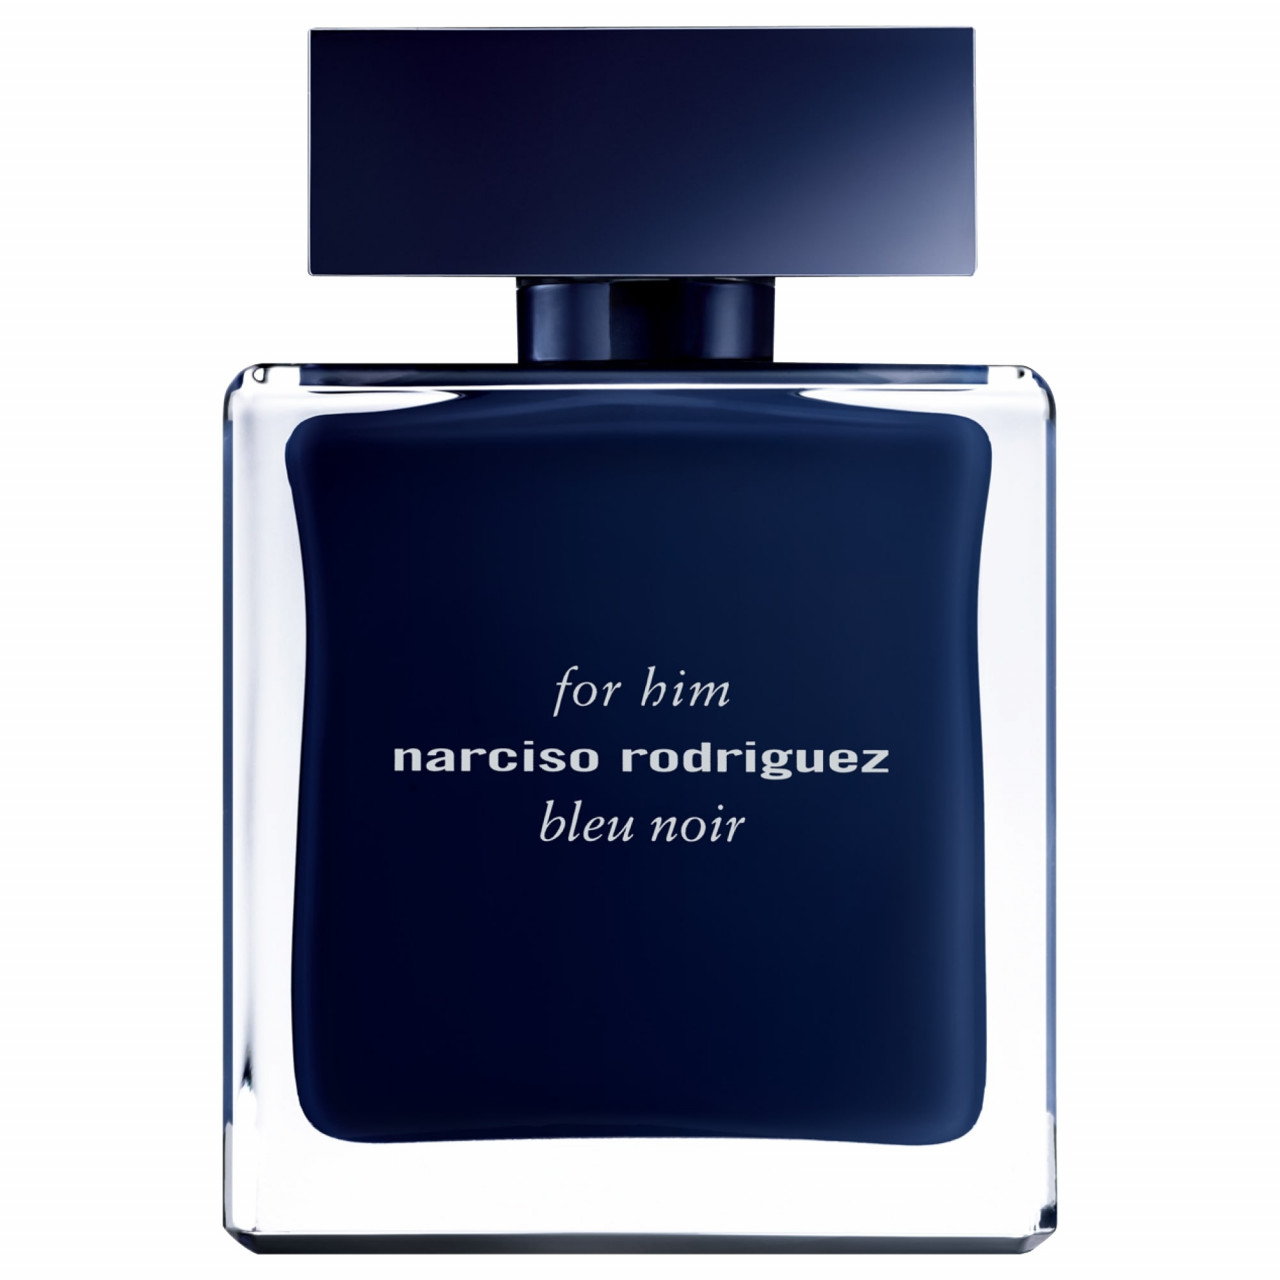 Narciso Rodriguez - For Him Bleu Noir Eau de Toilette - 100 ml